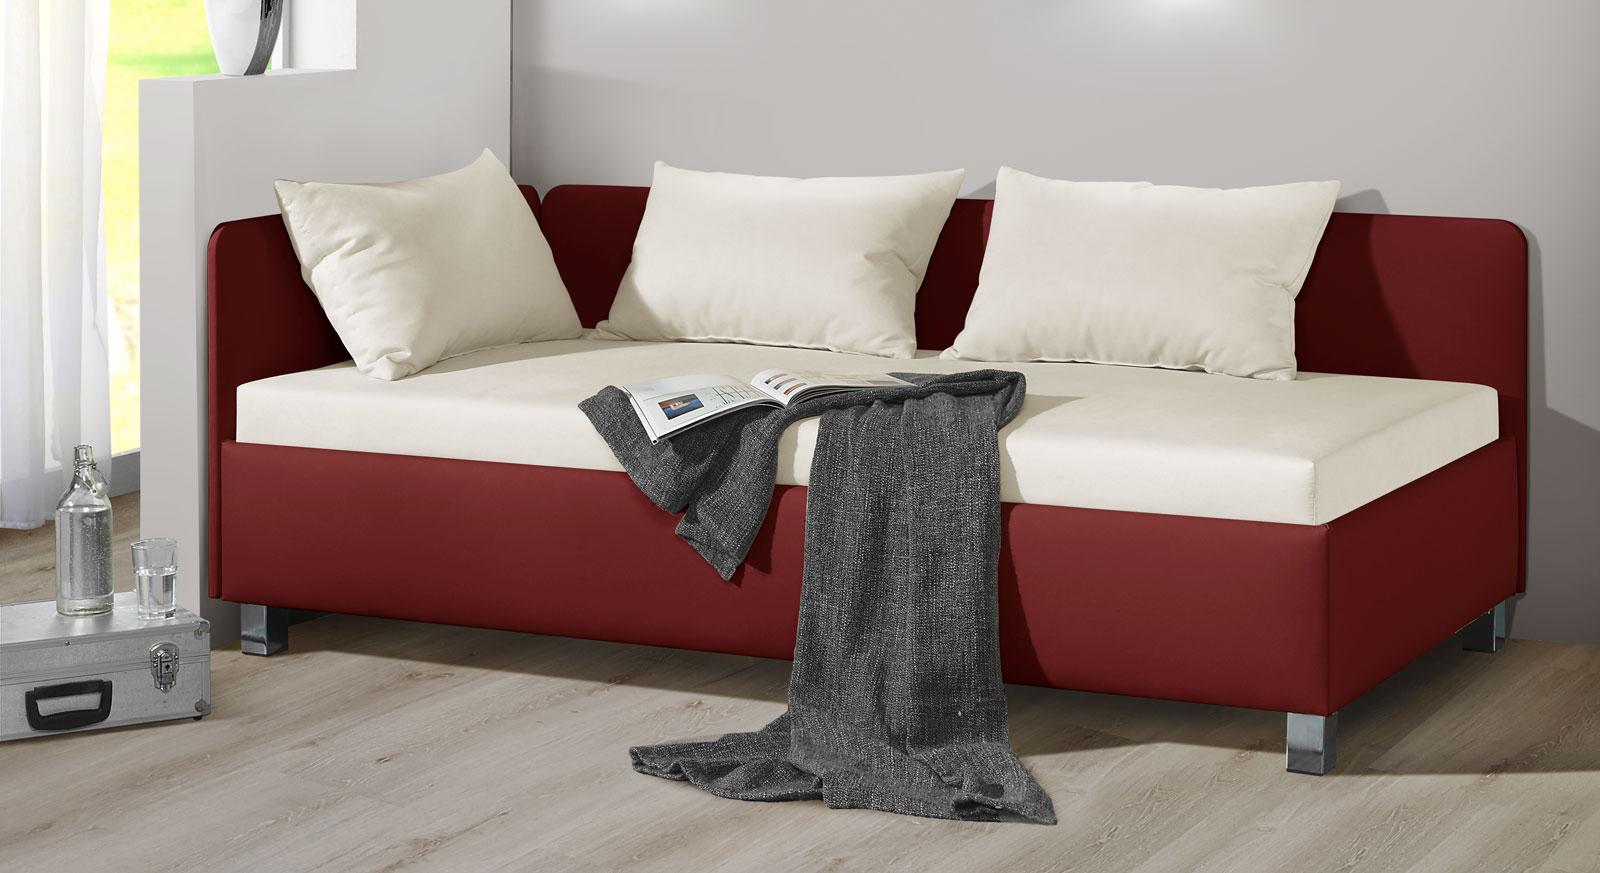 studioliege mit bettkasten in z b 100x200 cm kaufen lisala. Black Bedroom Furniture Sets. Home Design Ideas